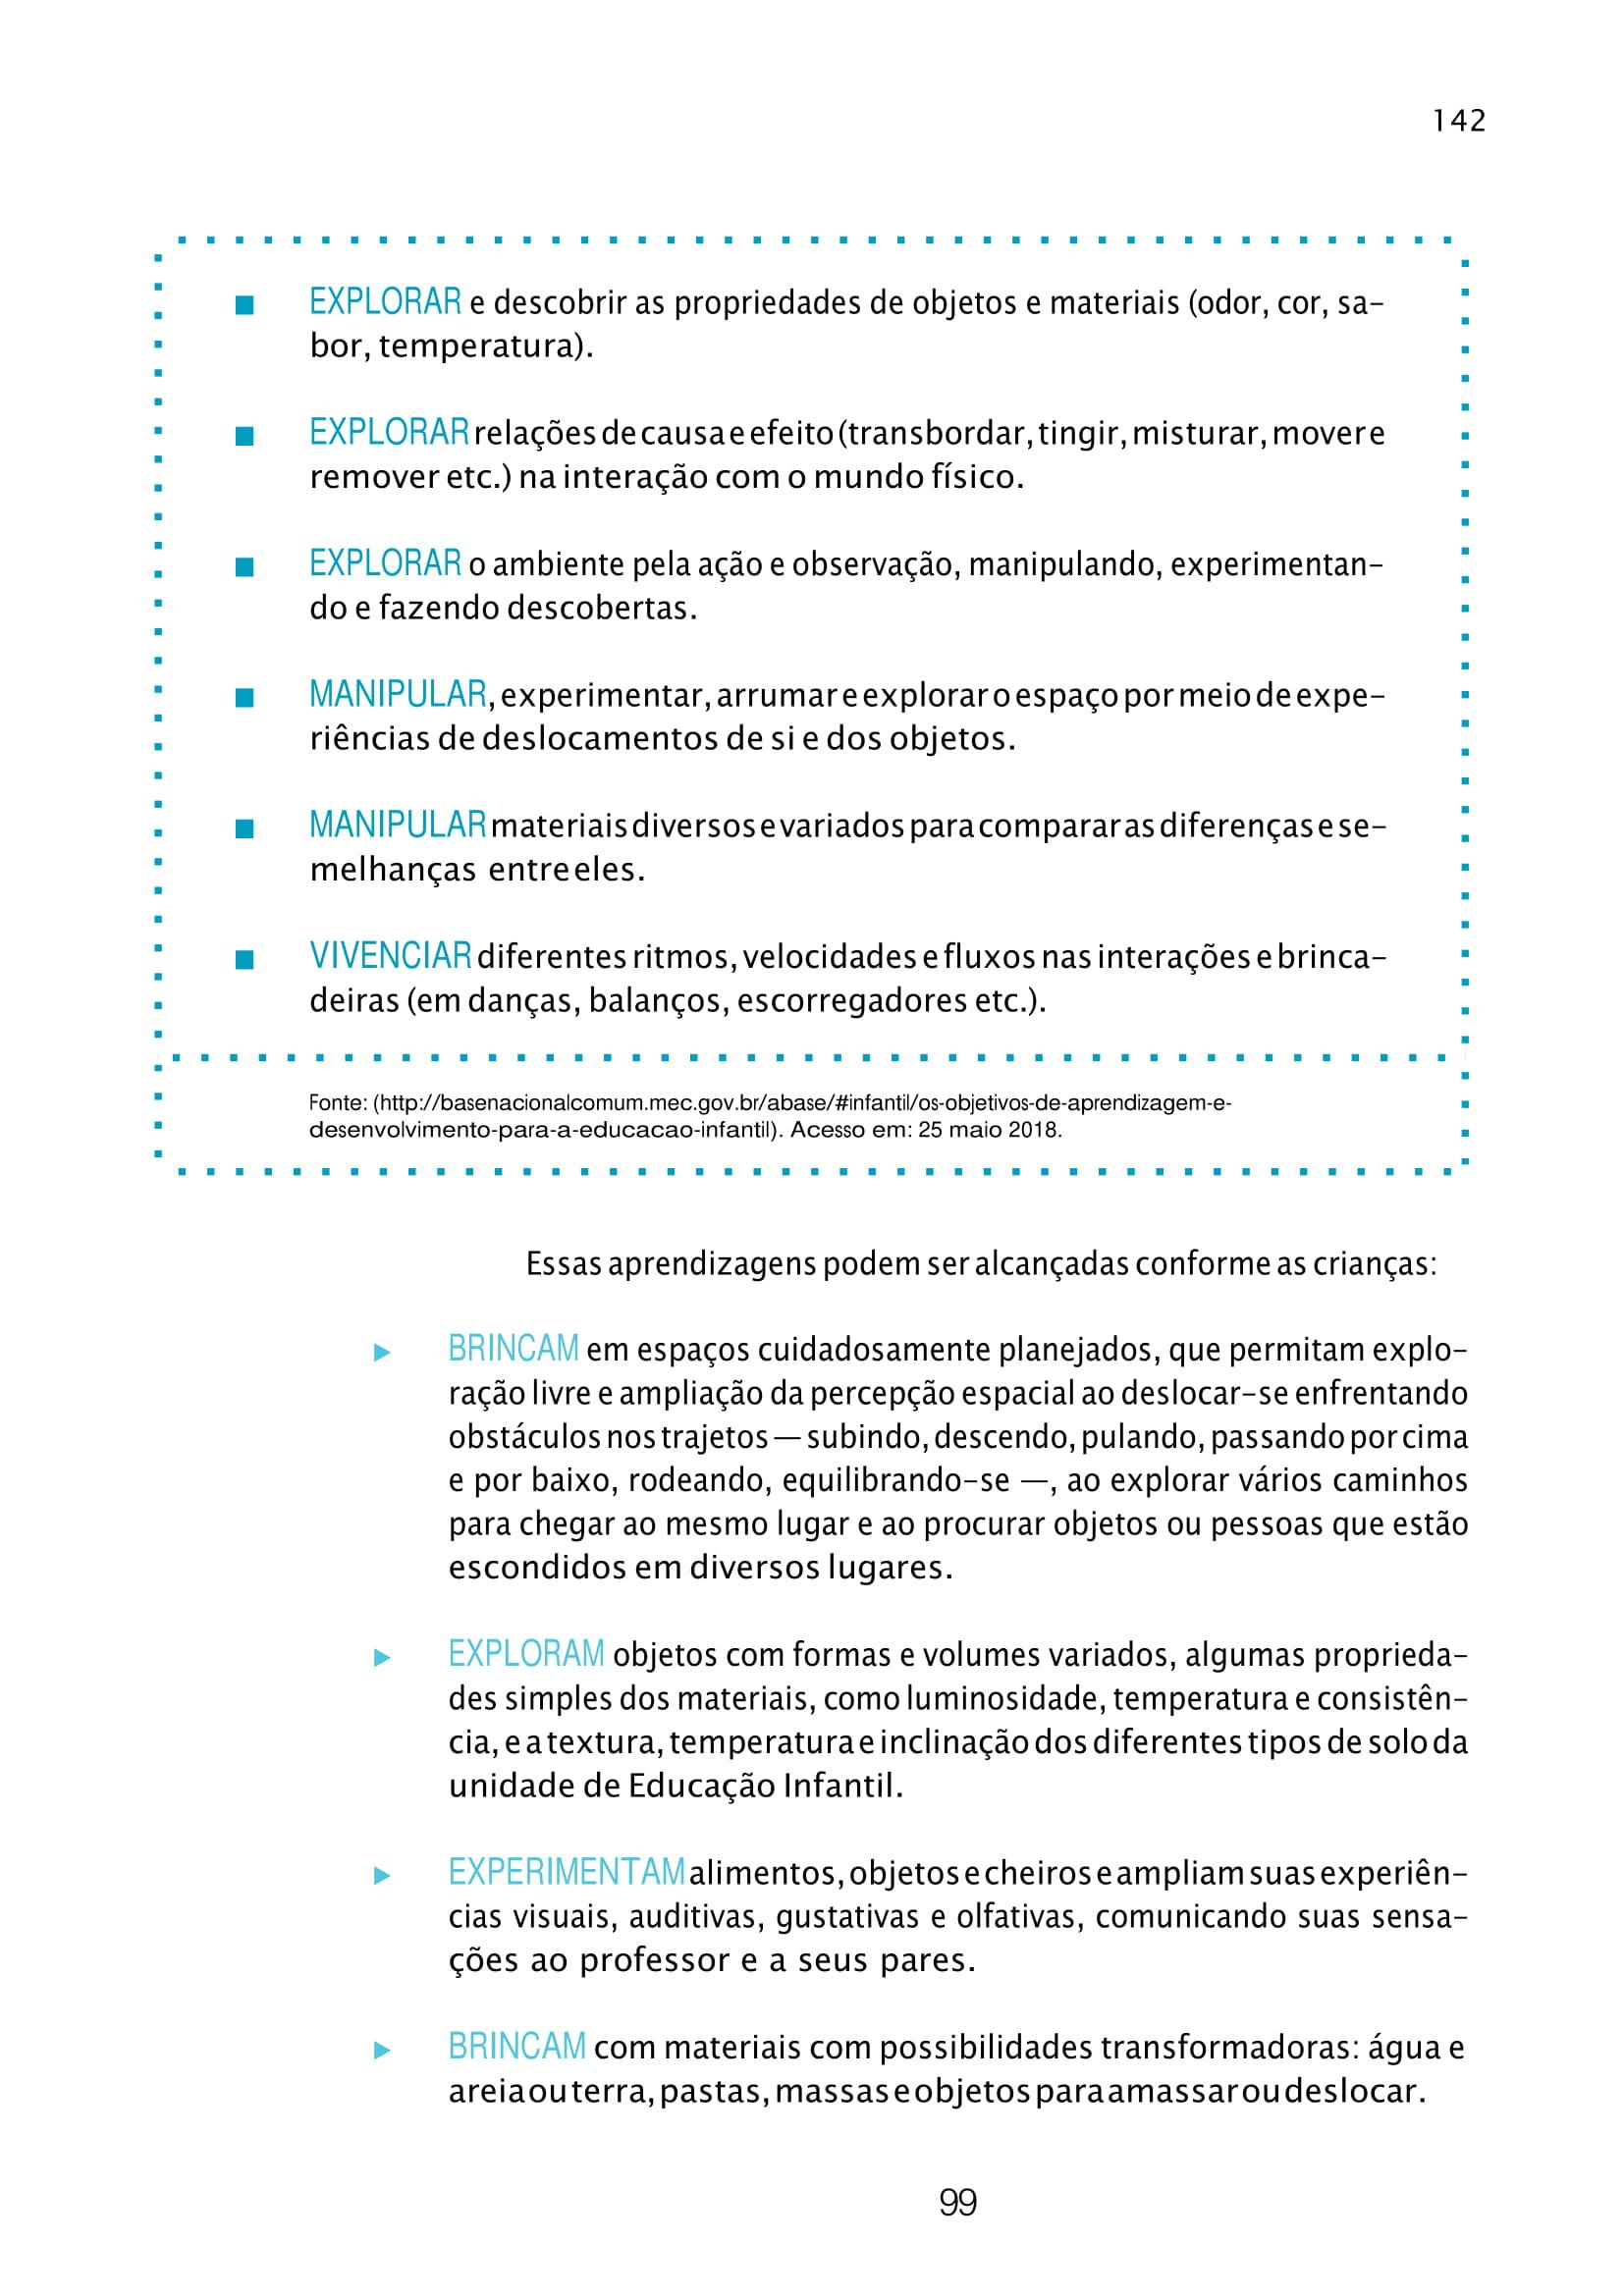 planejamento-educação-infantil-bncc-geral-172